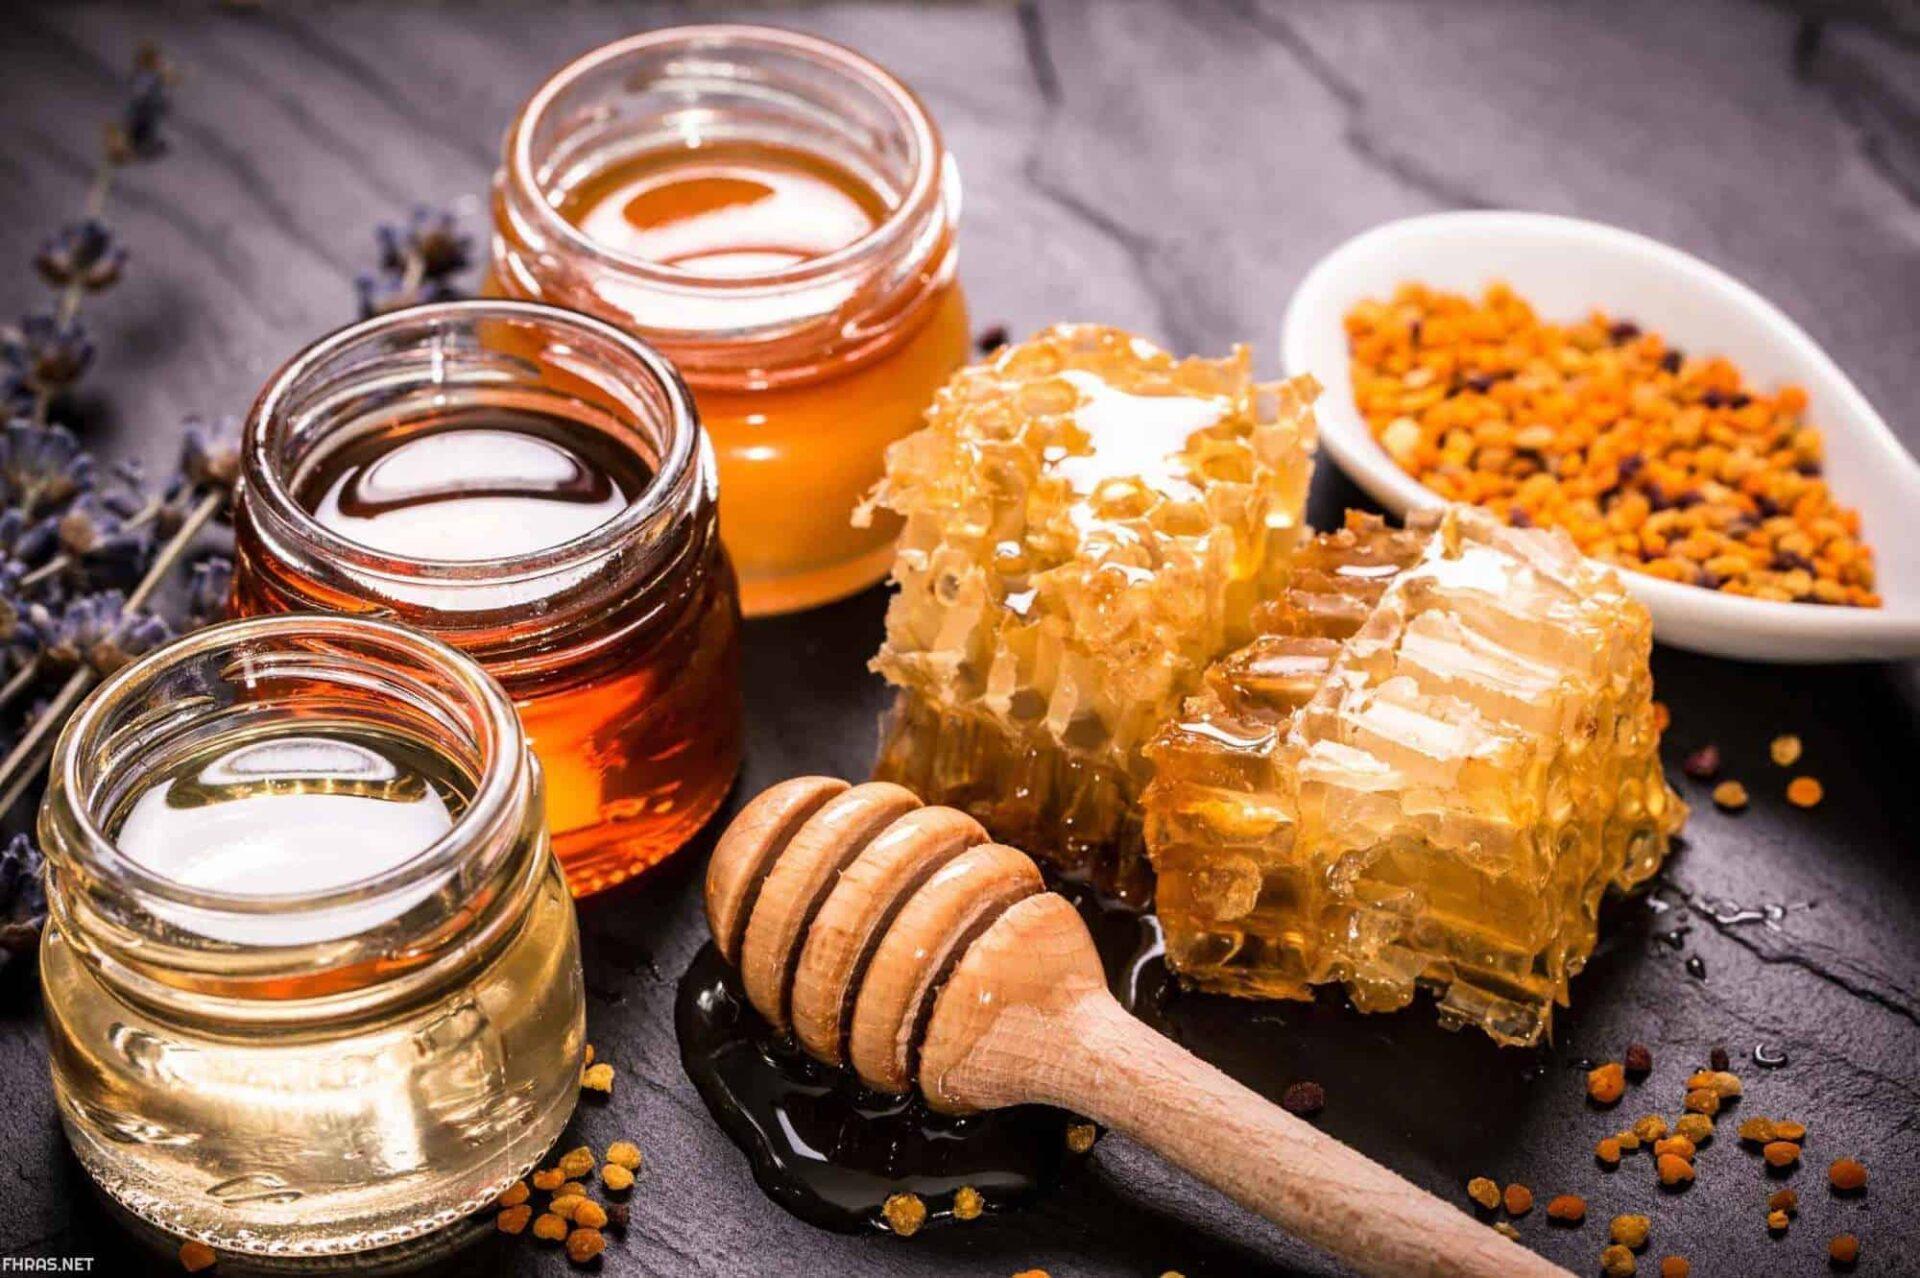 تجربتي مع العسل للانتصاب